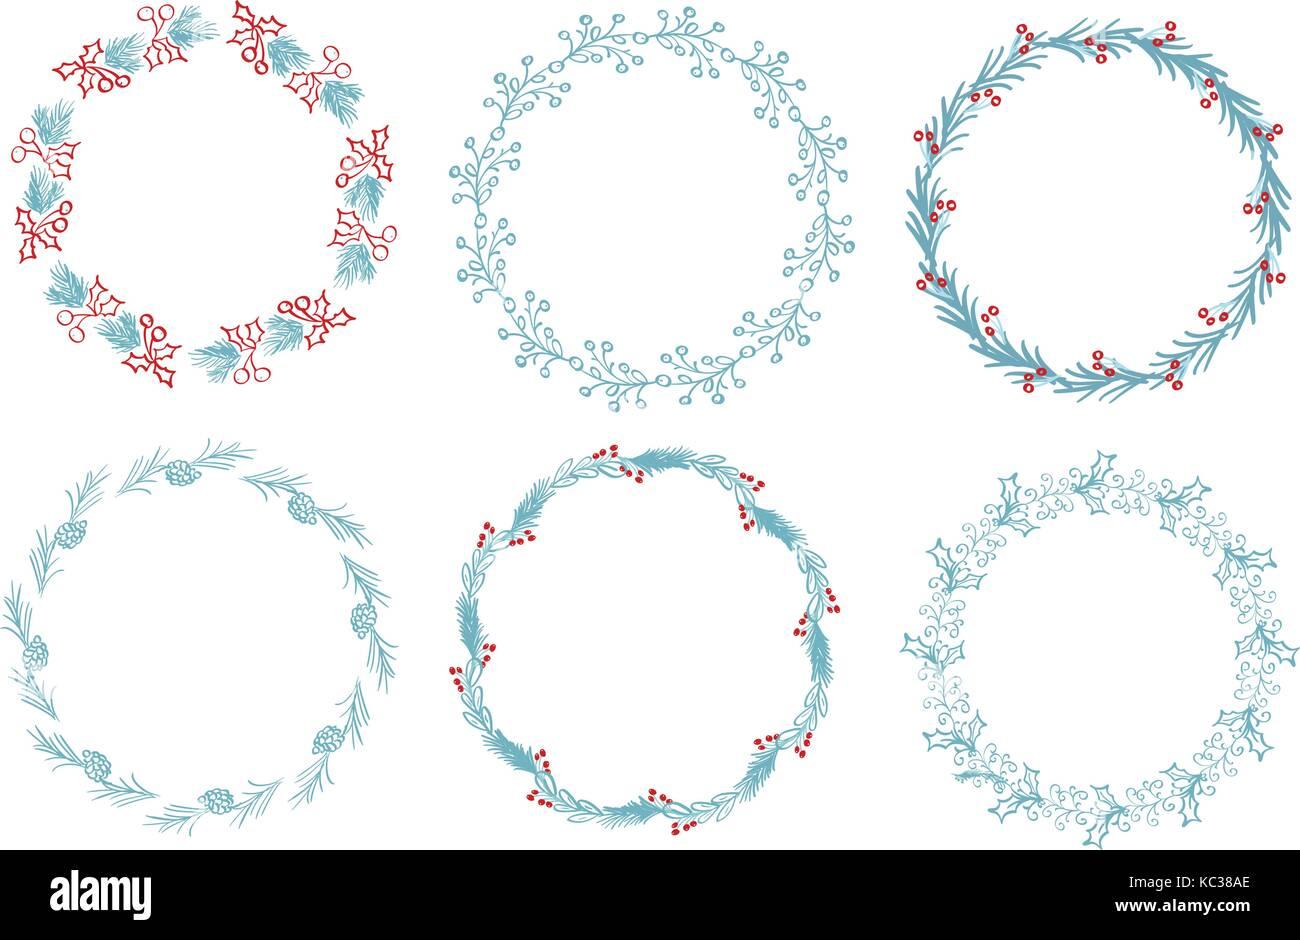 Conjunto de bastidor redondo y bordes decorativos art for Conjunto de espejos decorativos